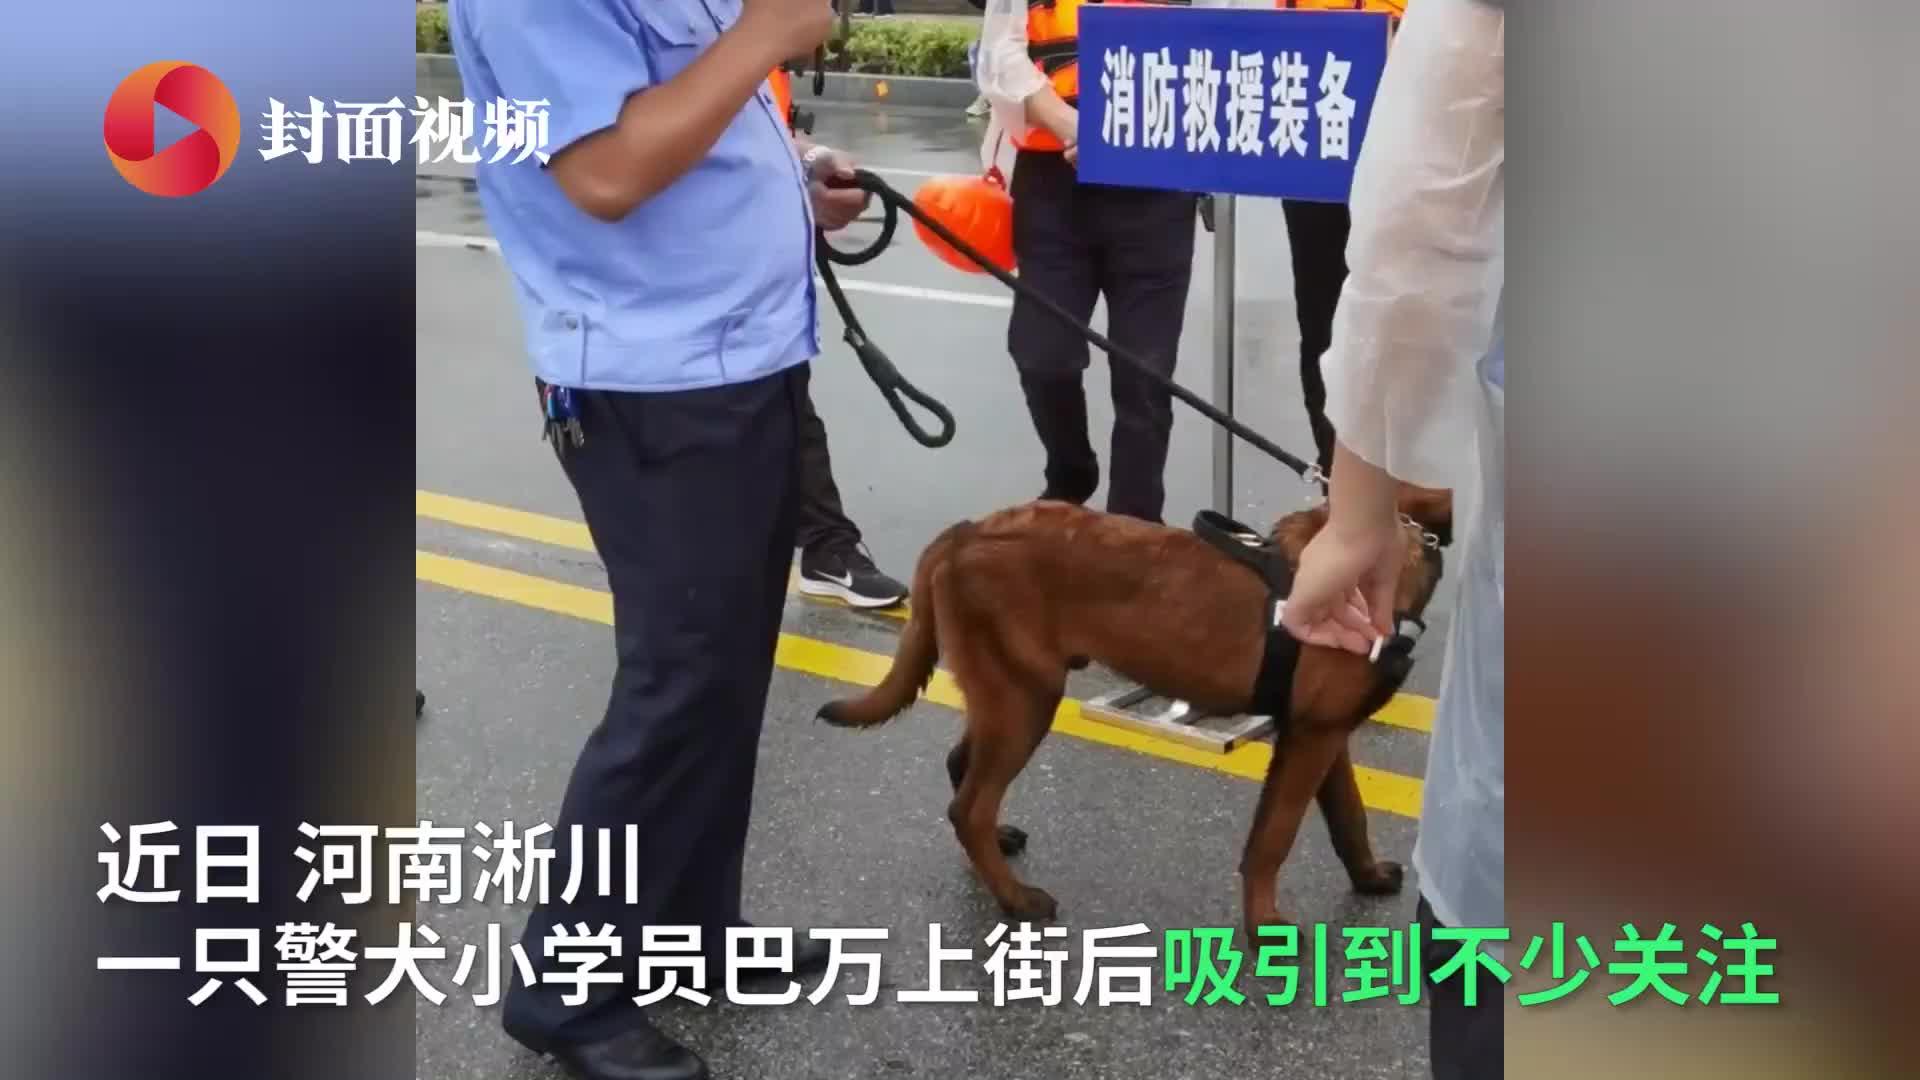 流浪犬凭实力成为警犬学员